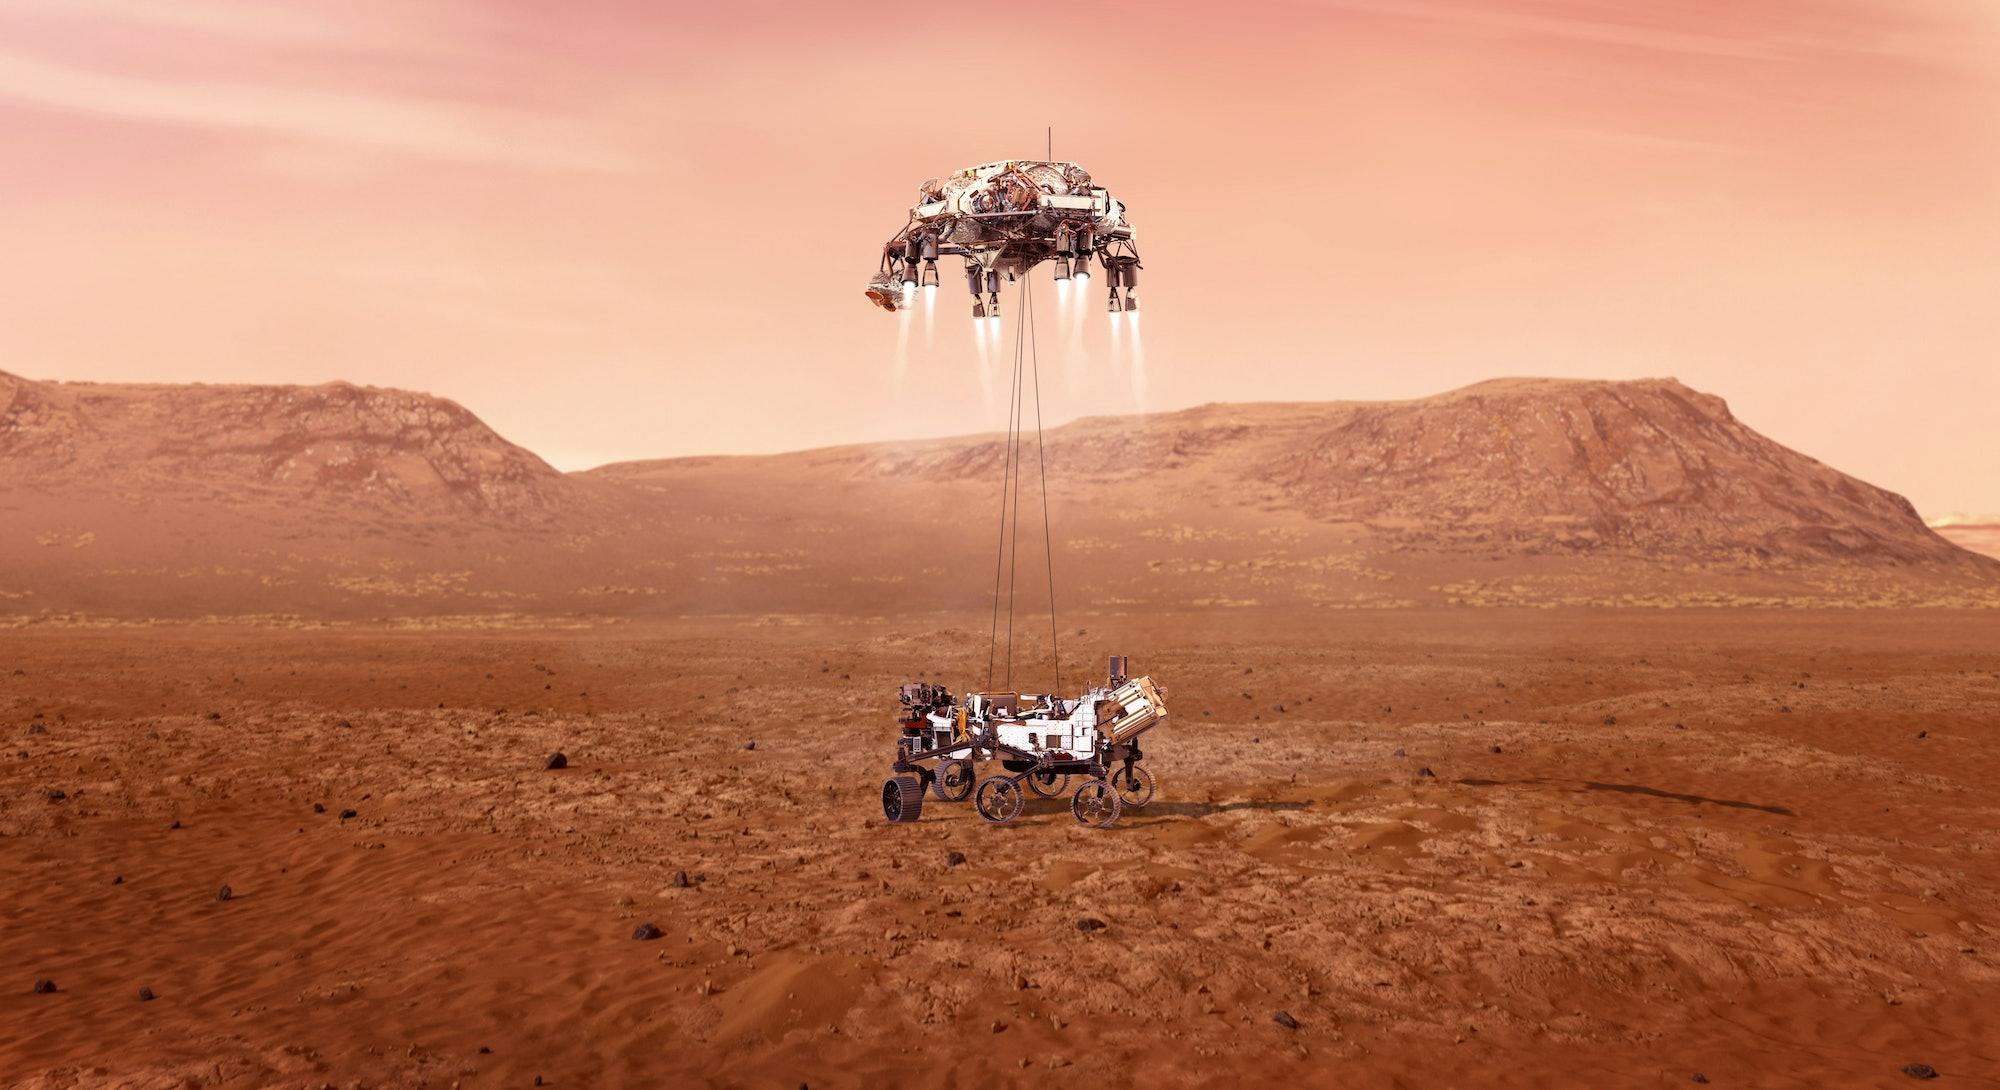 illustration of zhurong rover descending to Mars